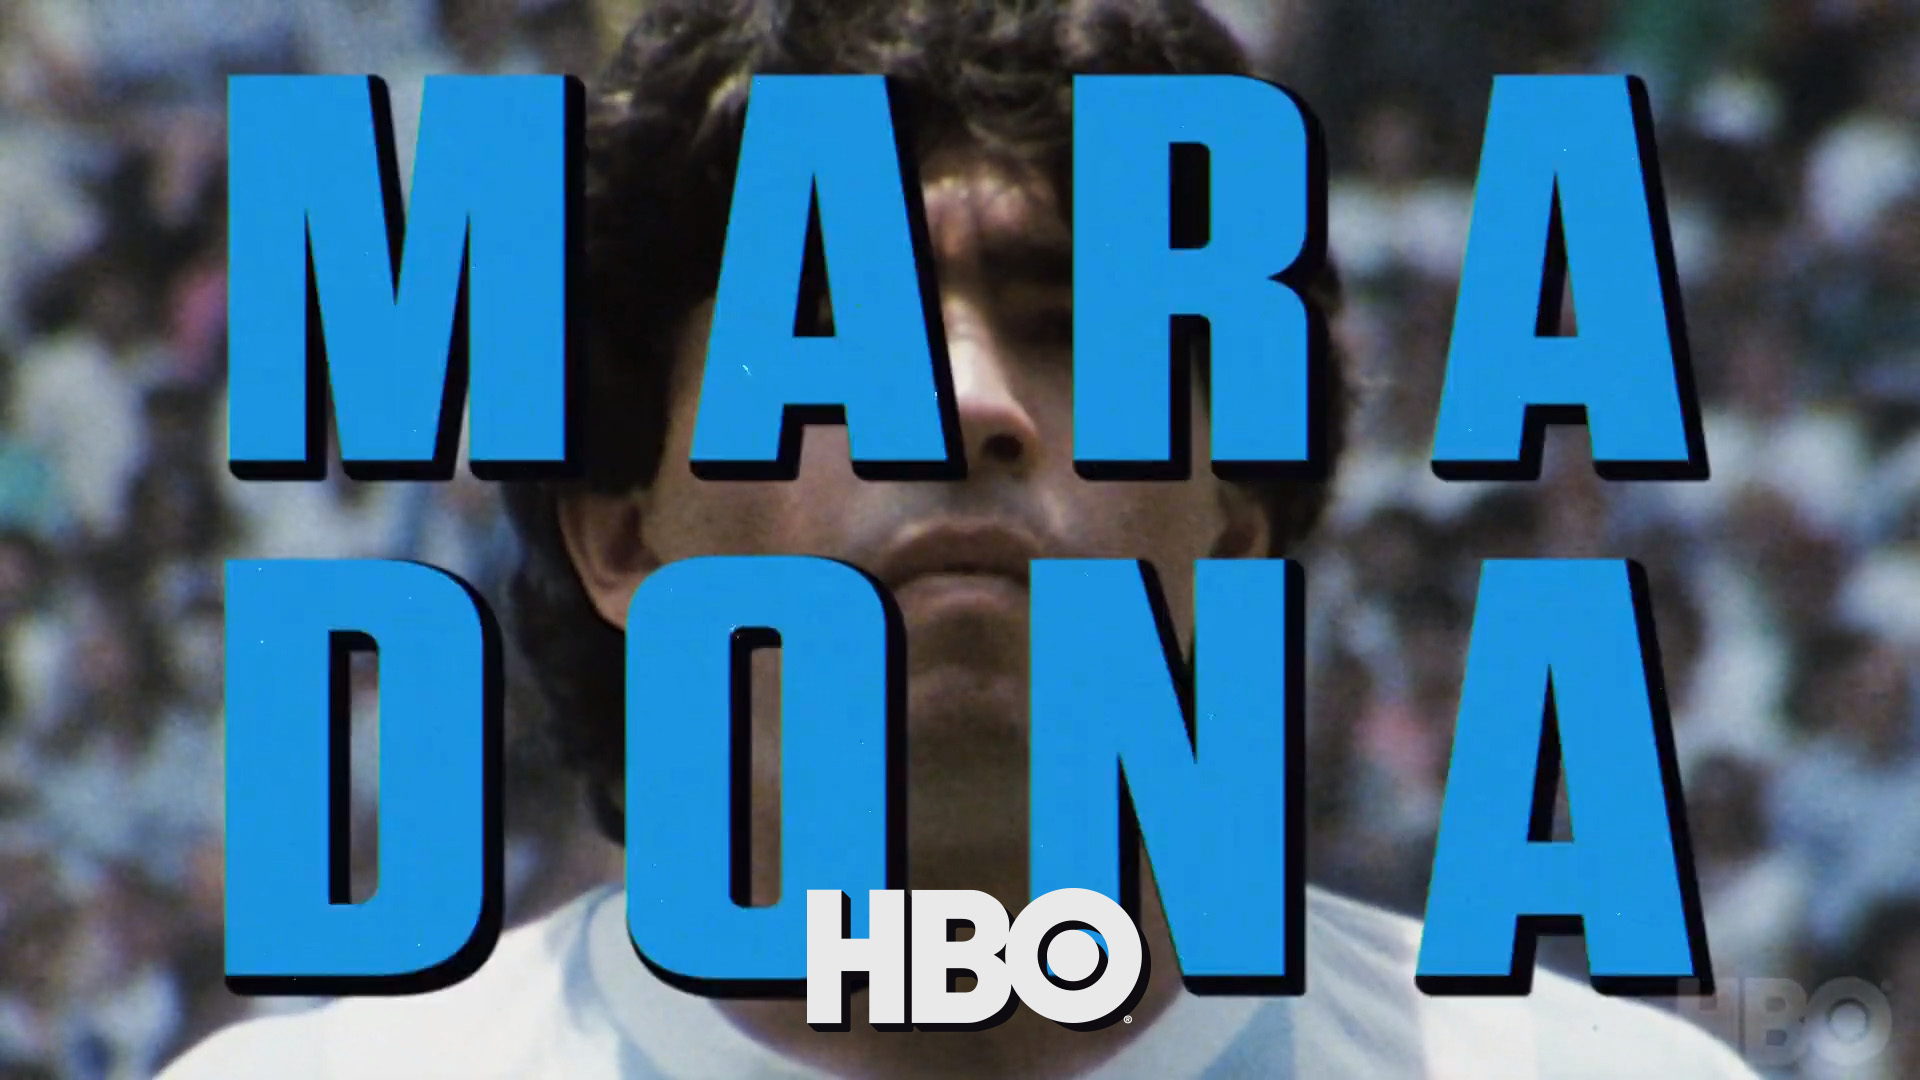 Maradona HBO